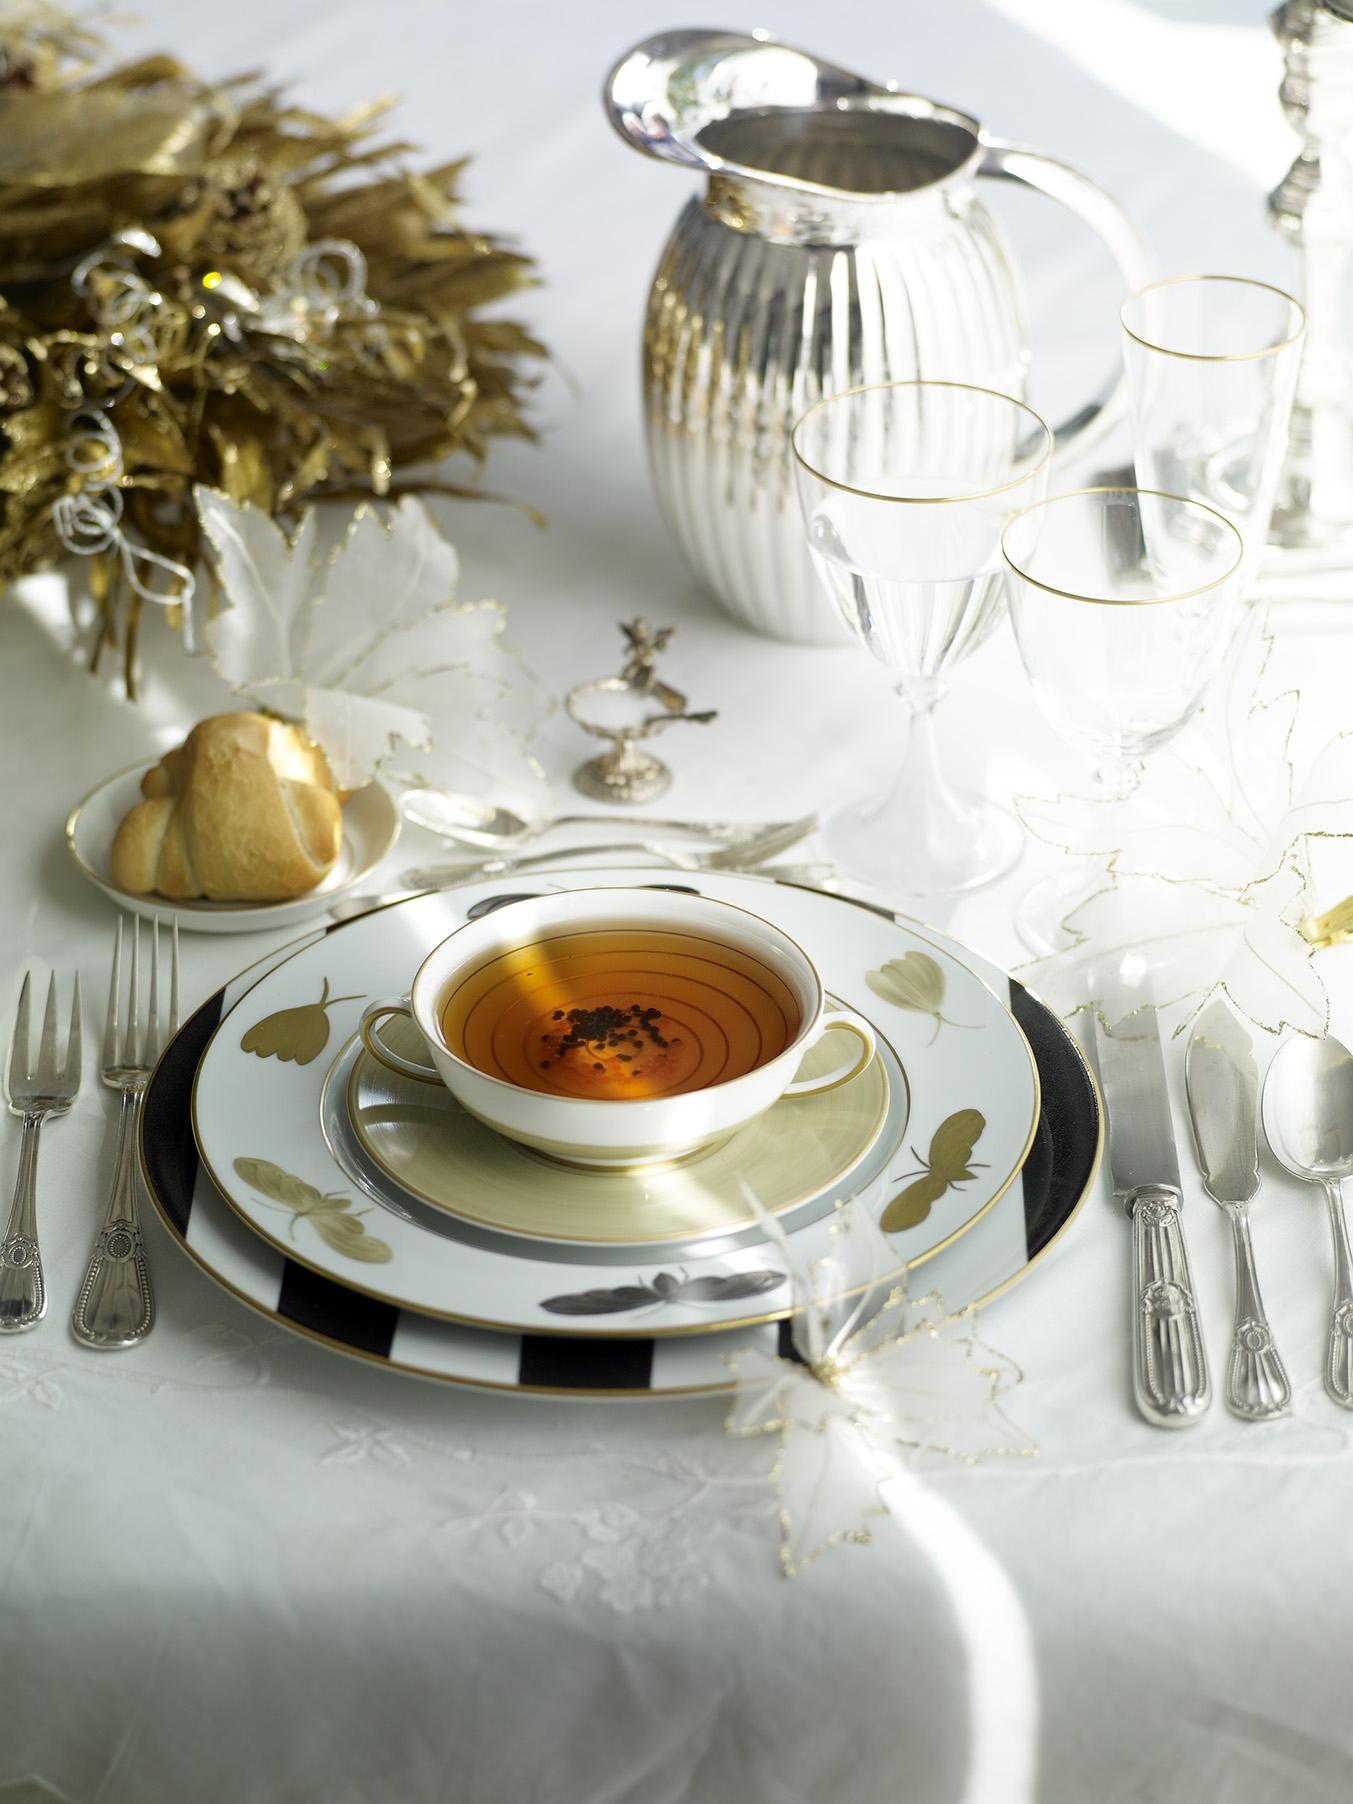 Curso de cocina especial de navidad con reyes bustamante - Escuela de cocina ...